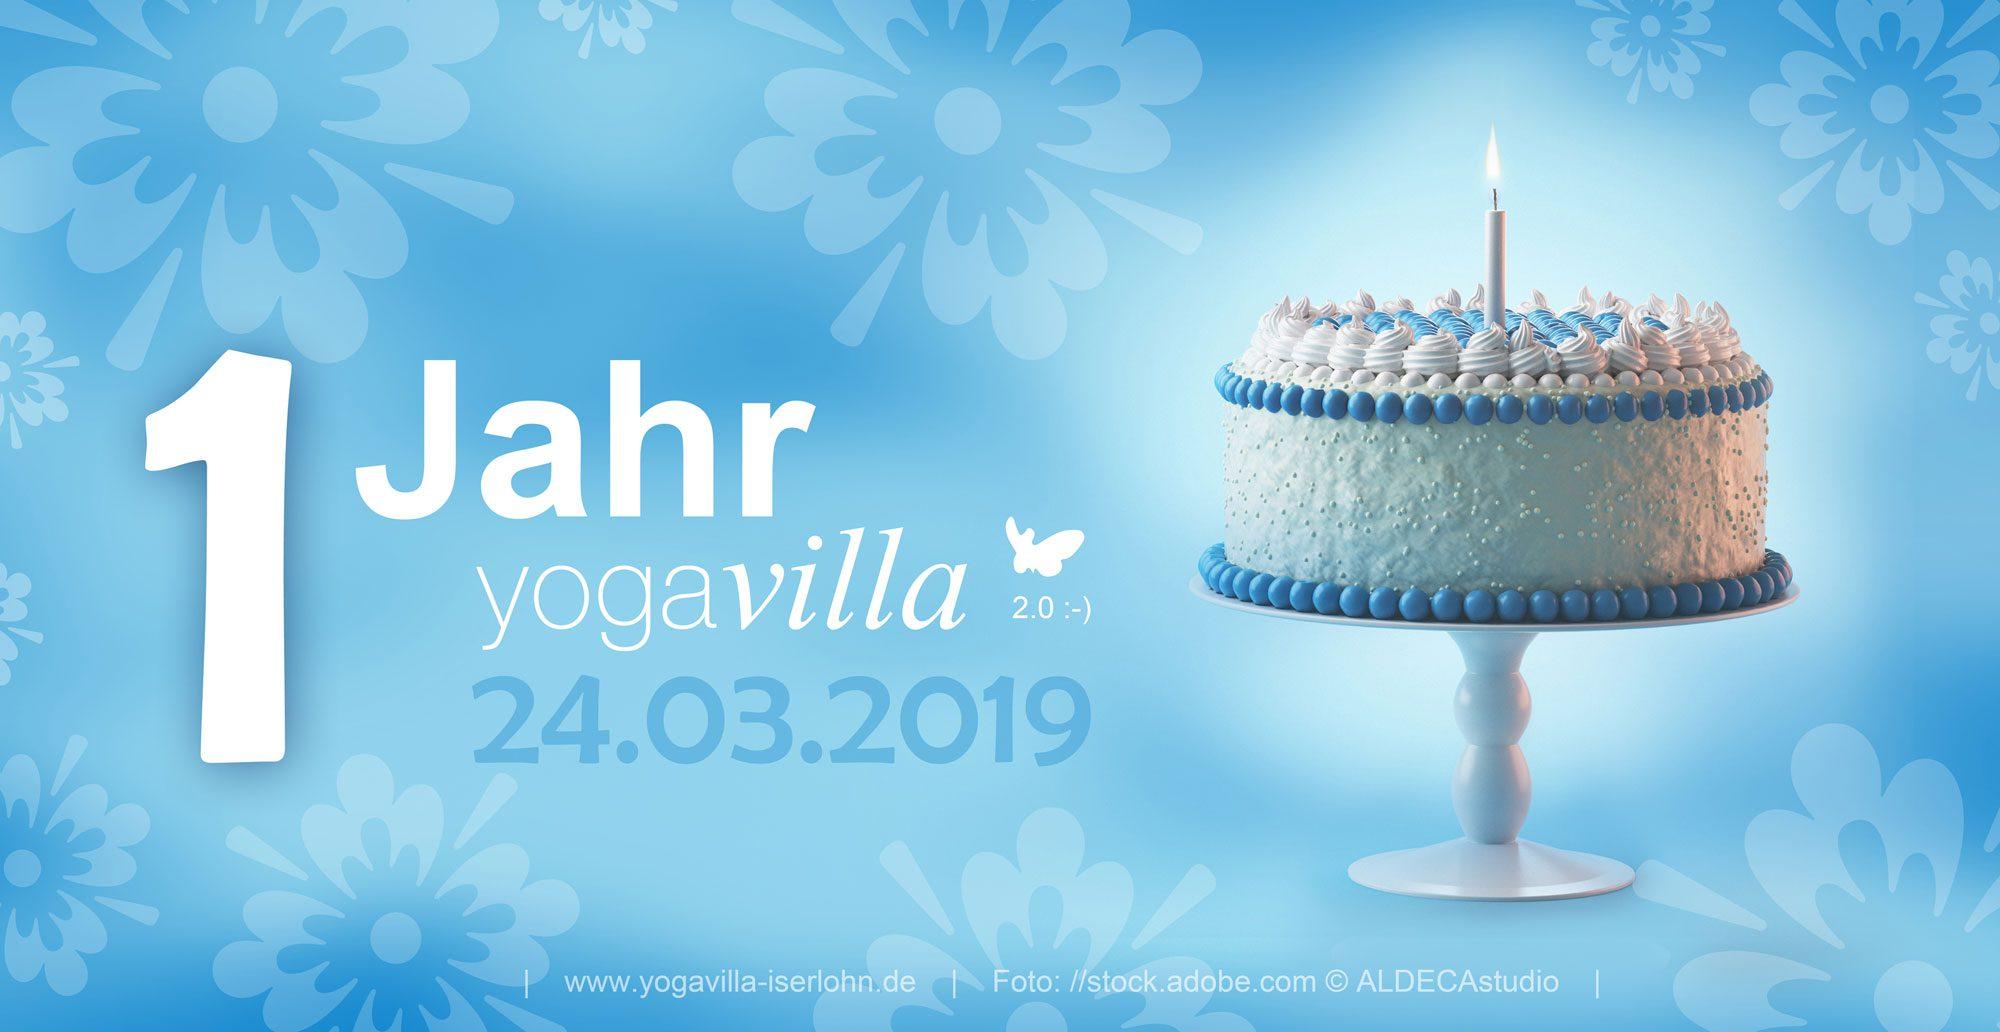 1 Jahr yogavilla 2.0